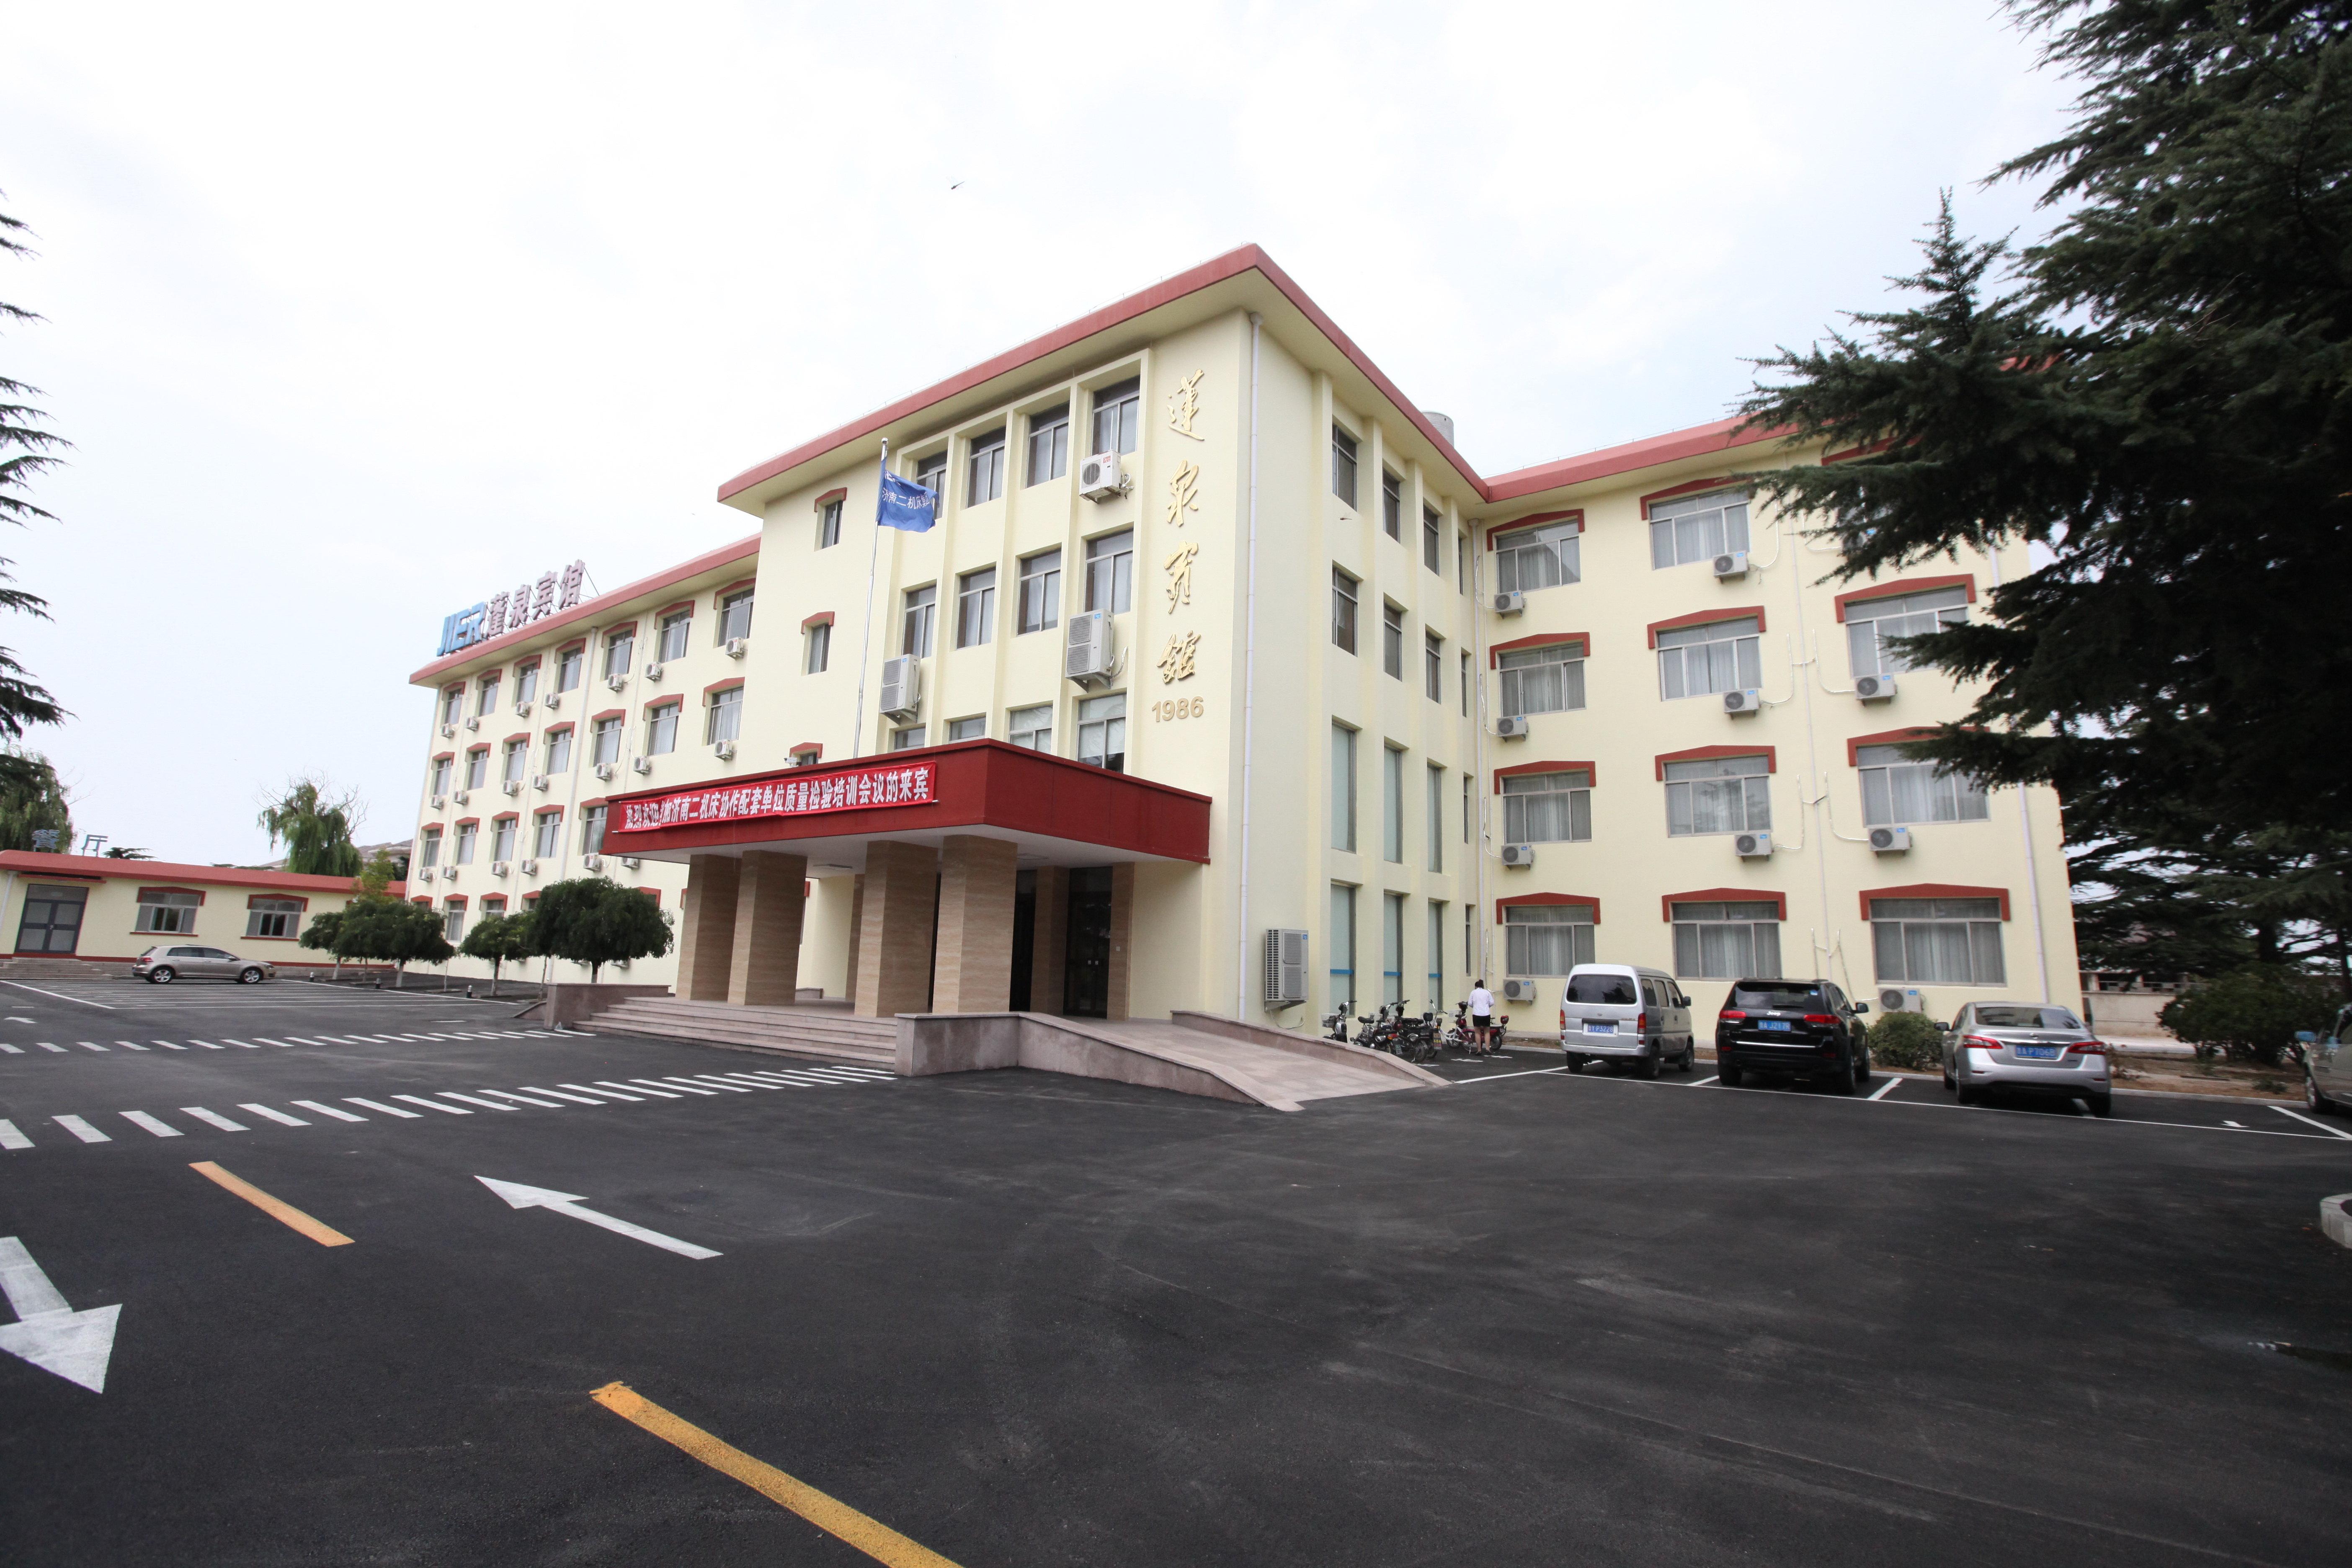 蓬莱海源国际旅行社有限公司